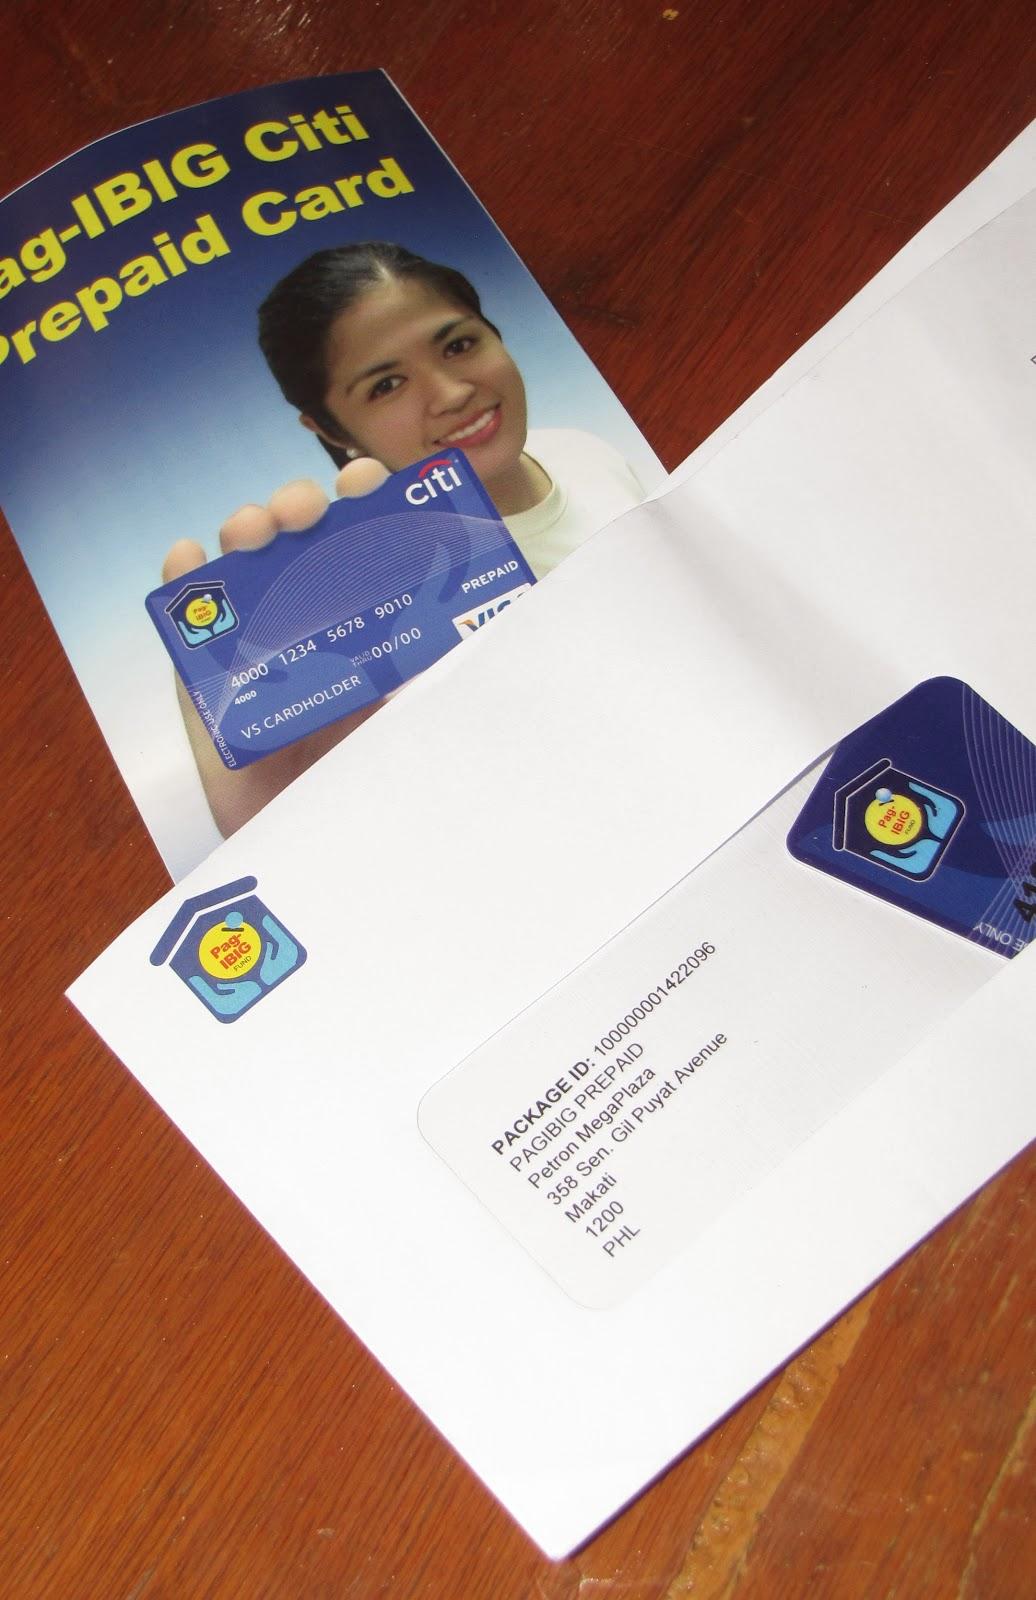 FTW! Blog, PAG-IBIG Citi Cash Card, PAG-IBIG Citi Prepaid Card, PAG-IBIG Multi-Purpose Loan, Pag-Ibig Loan, Salary Loan